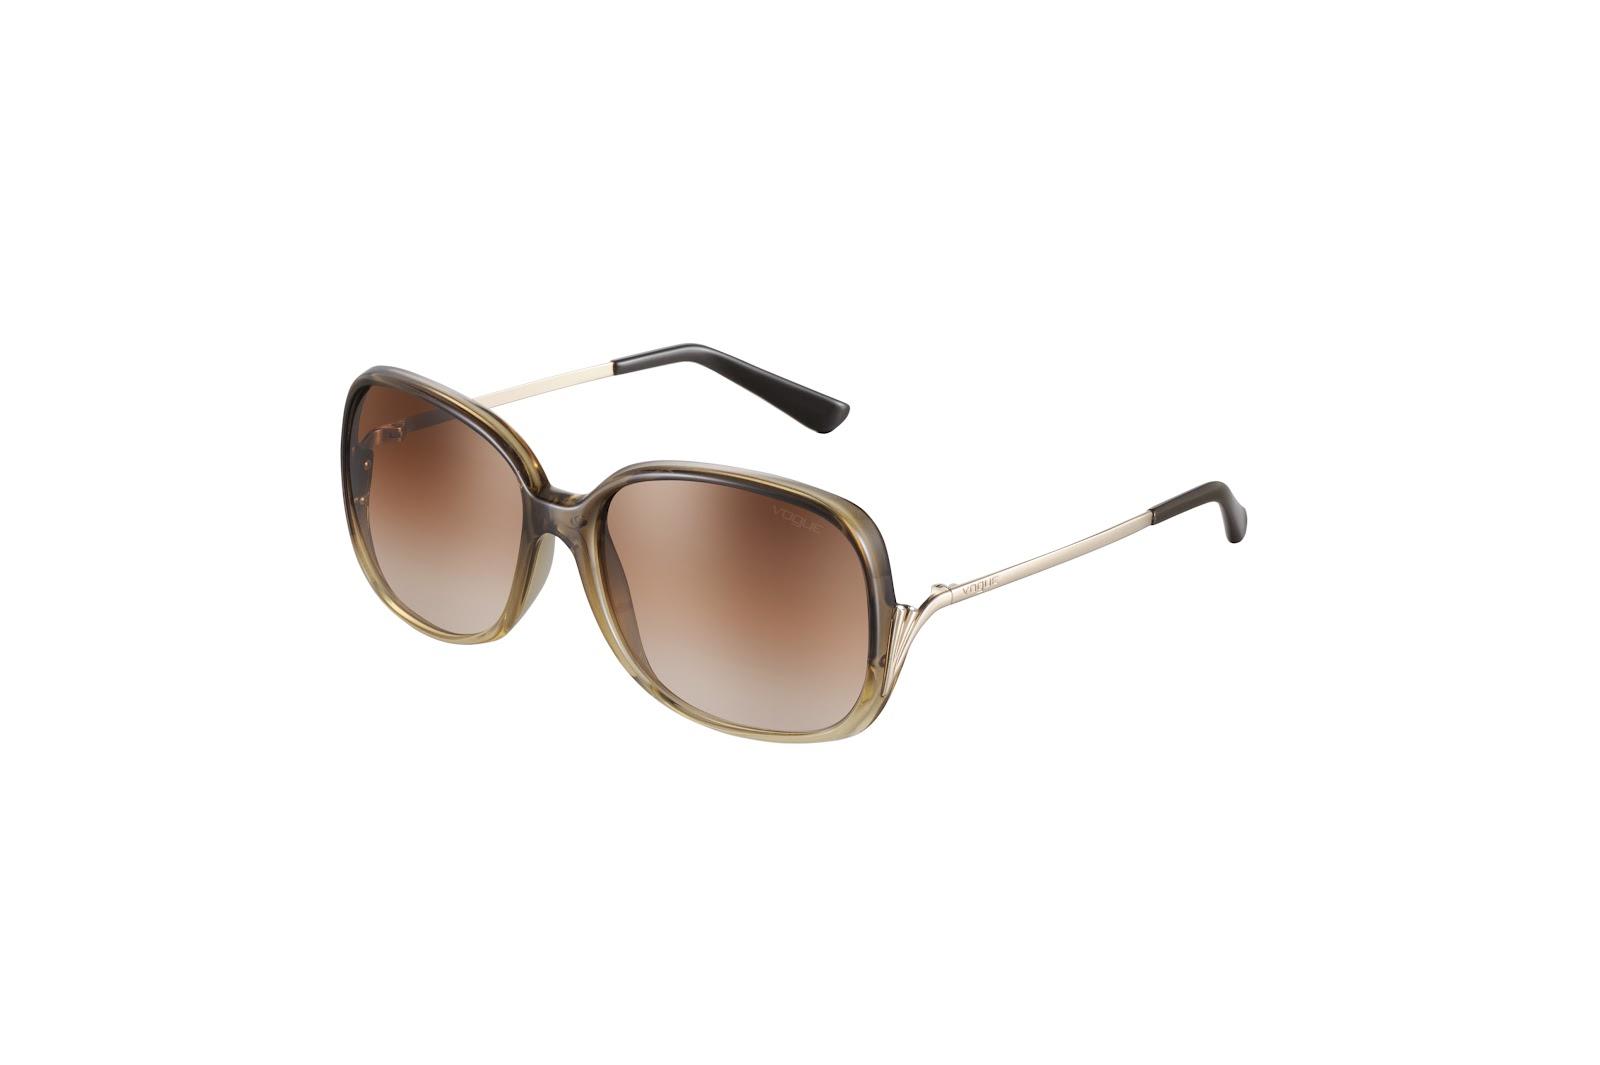 39bdf2f07 É uma das marcas de que mais gosto, porque tem sempre óculos enormes, como  eu gosto. Tenho dois modelos e são dos que mais uso.